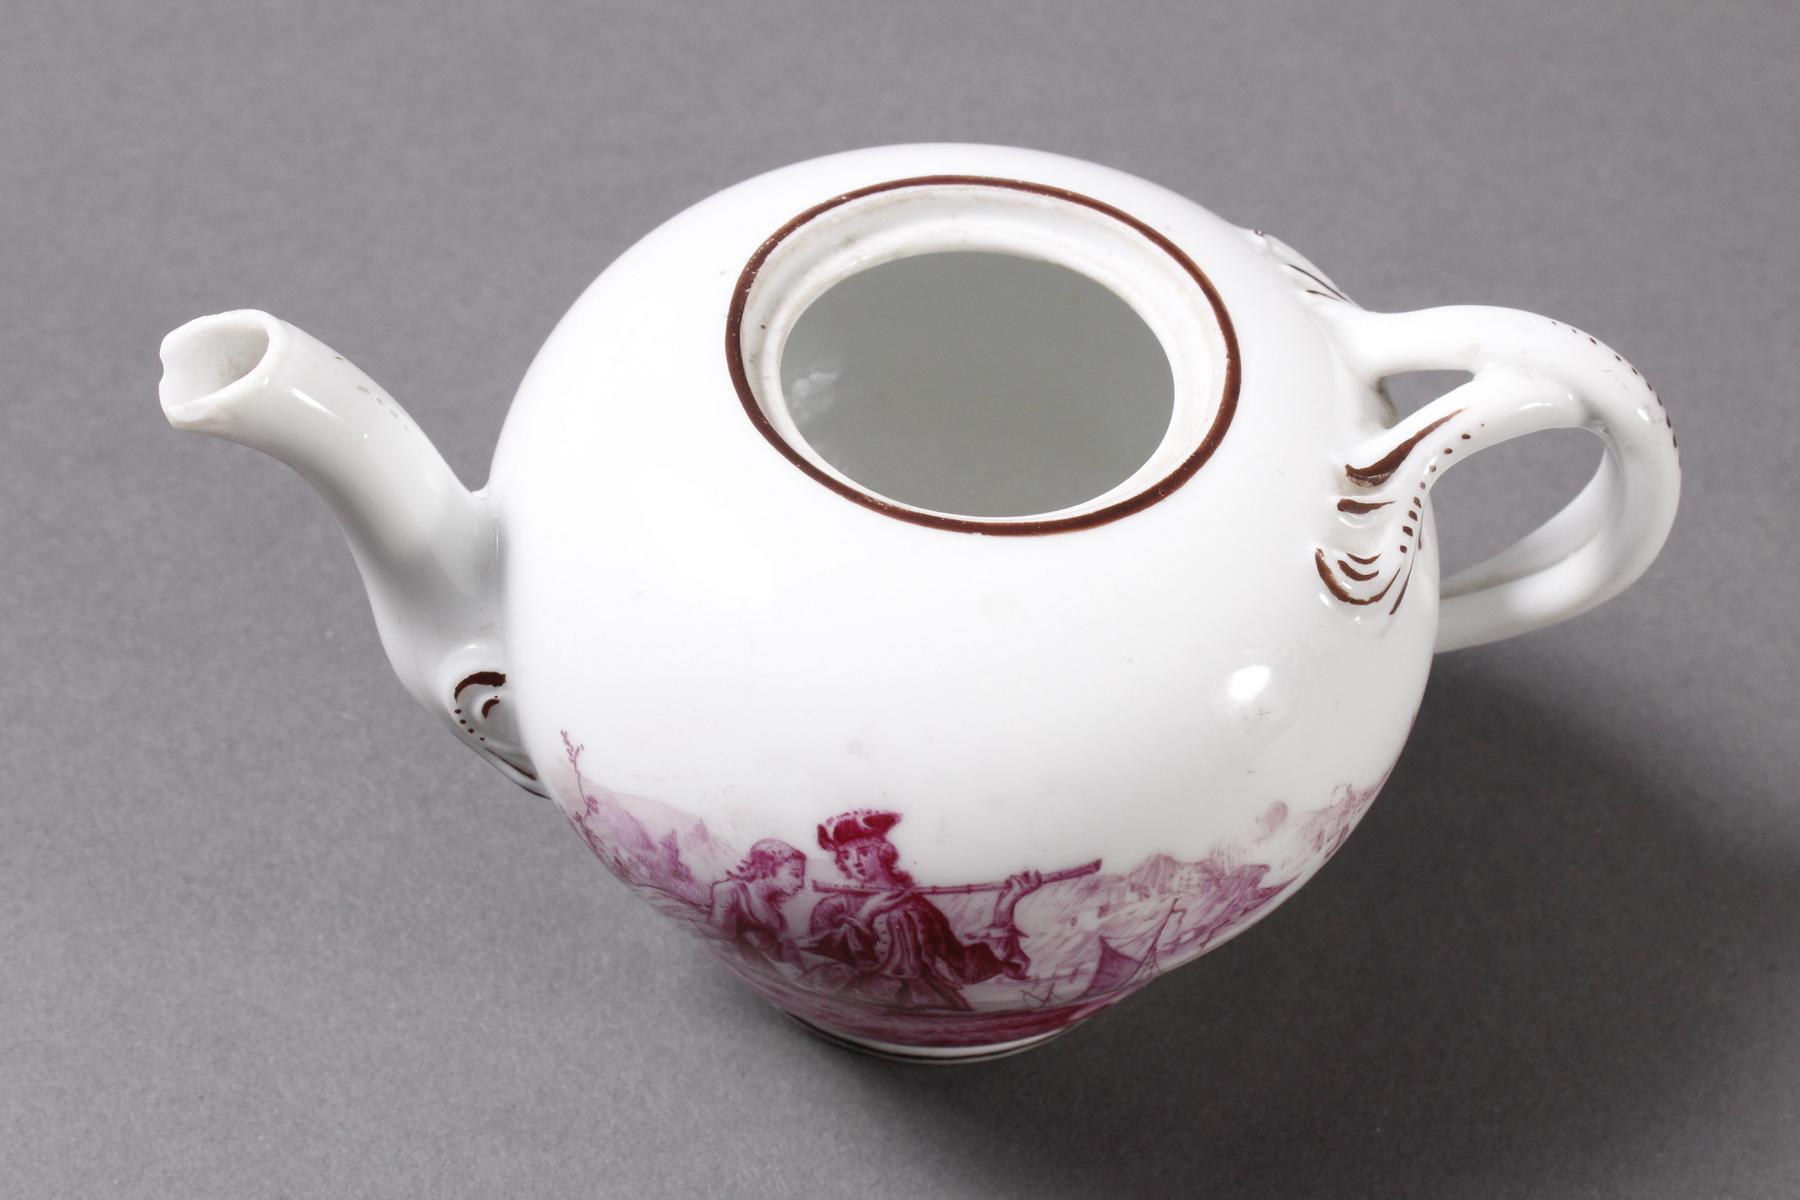 Kleines Meissen Porzellan Teekännchen um 1800-3